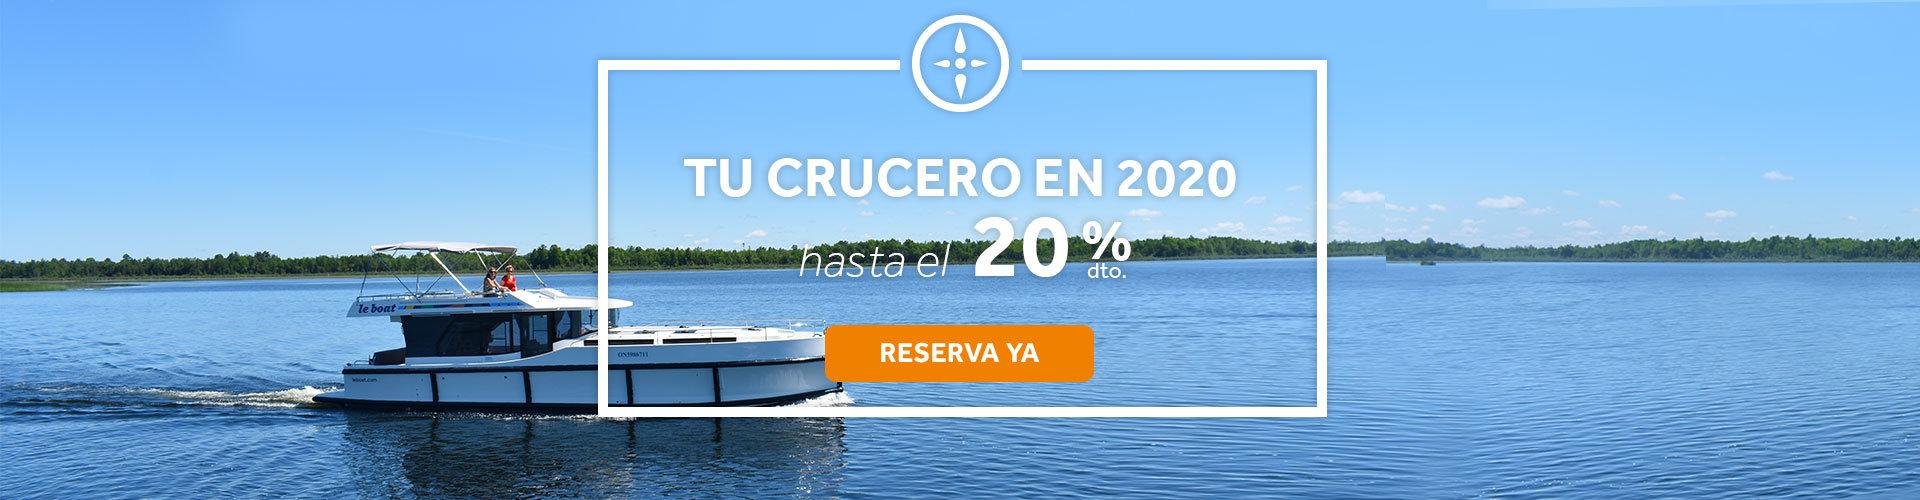 Ofertas de cruceros Le Boat